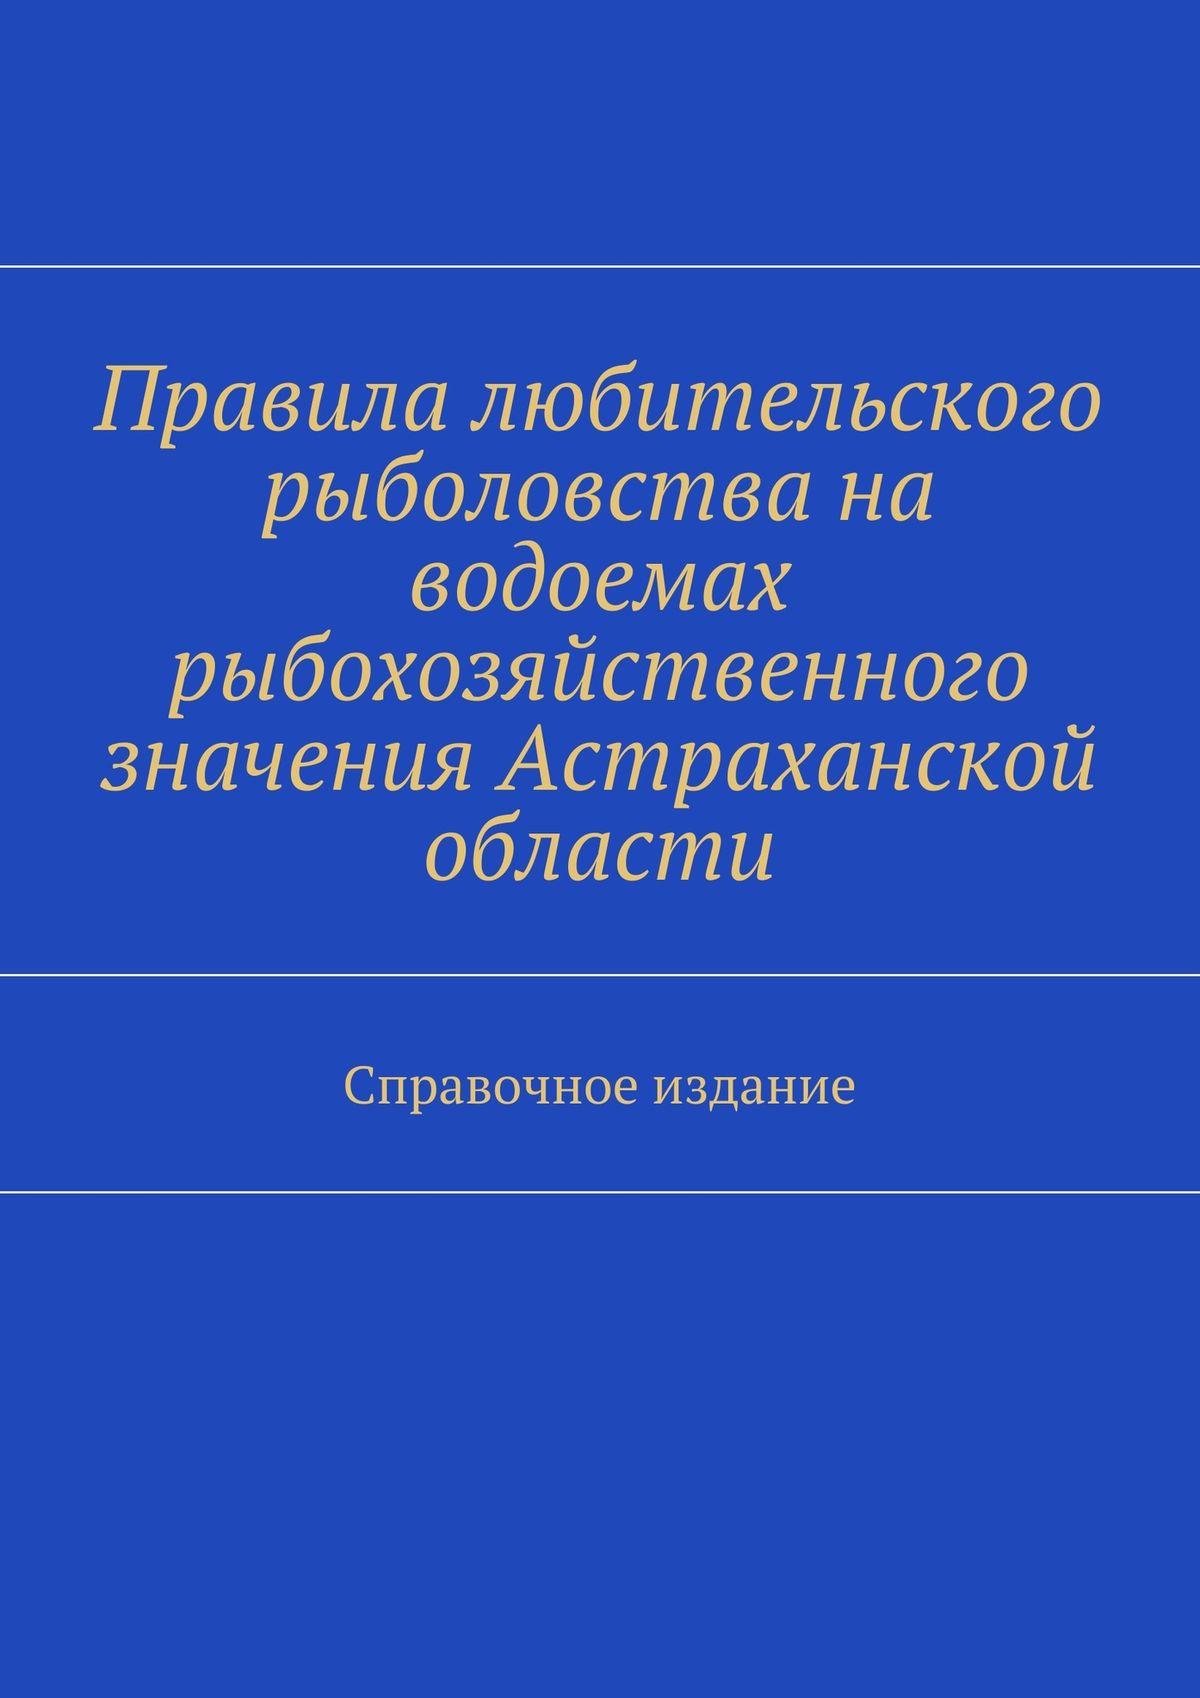 Правила любительского рыболовства на водоемах рыбохозяйственного значения Астраханской области. Справочное издание